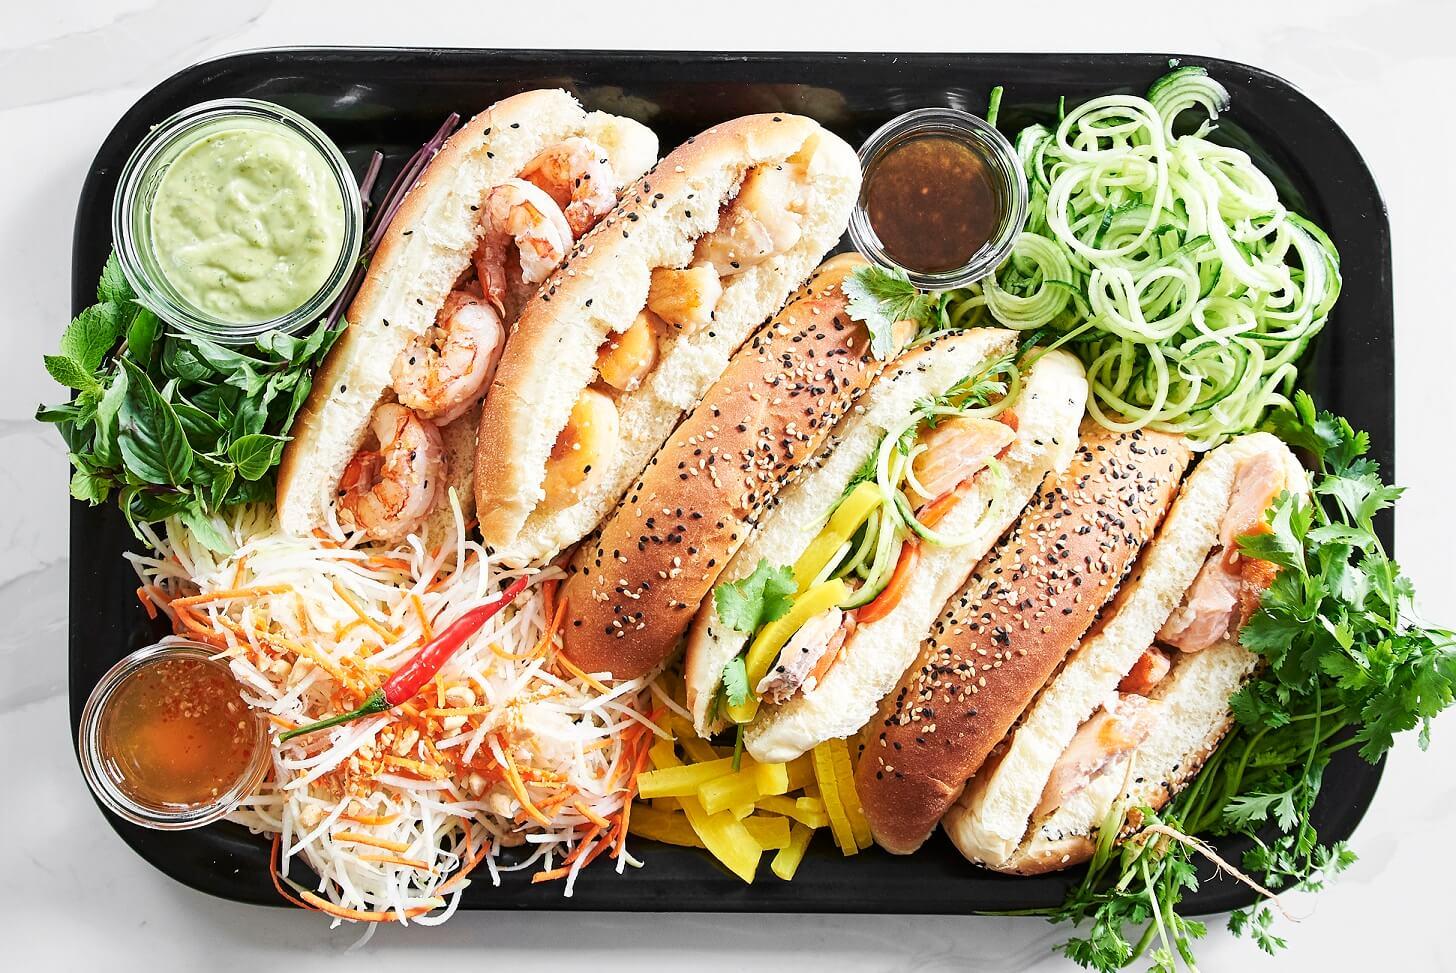 2e vie | sandwich vietnamien Banh mi | Chic Frigo Sans Fric